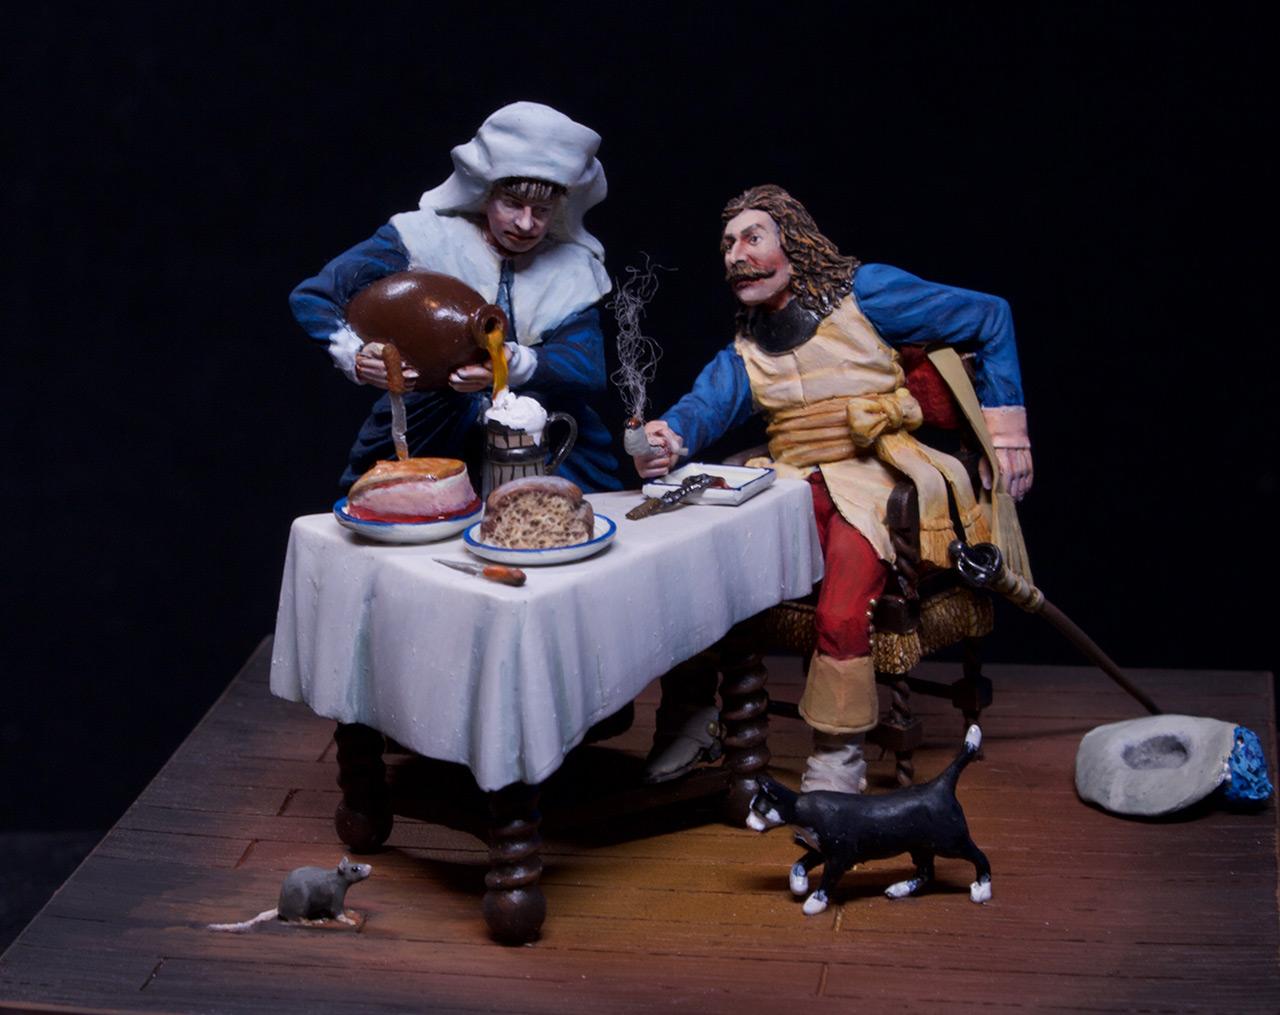 Диорамы и виньетки: Горничная и кавалер за столом, фото #8